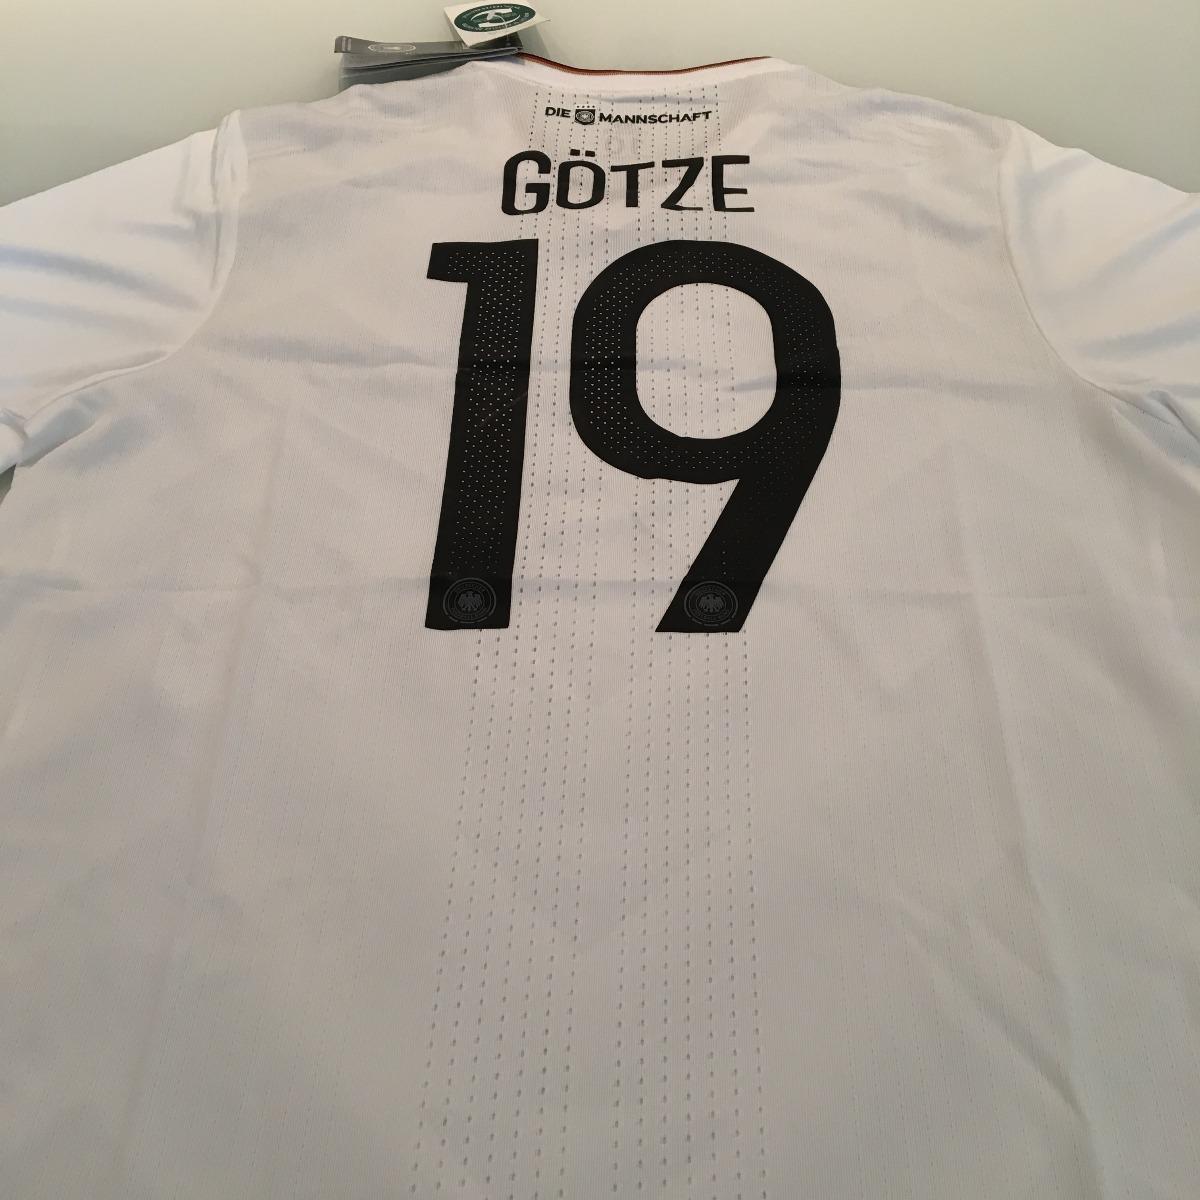 b388c4584b camiseta alemanha -  19 gotze - modelo jogador - original. Carregando zoom.